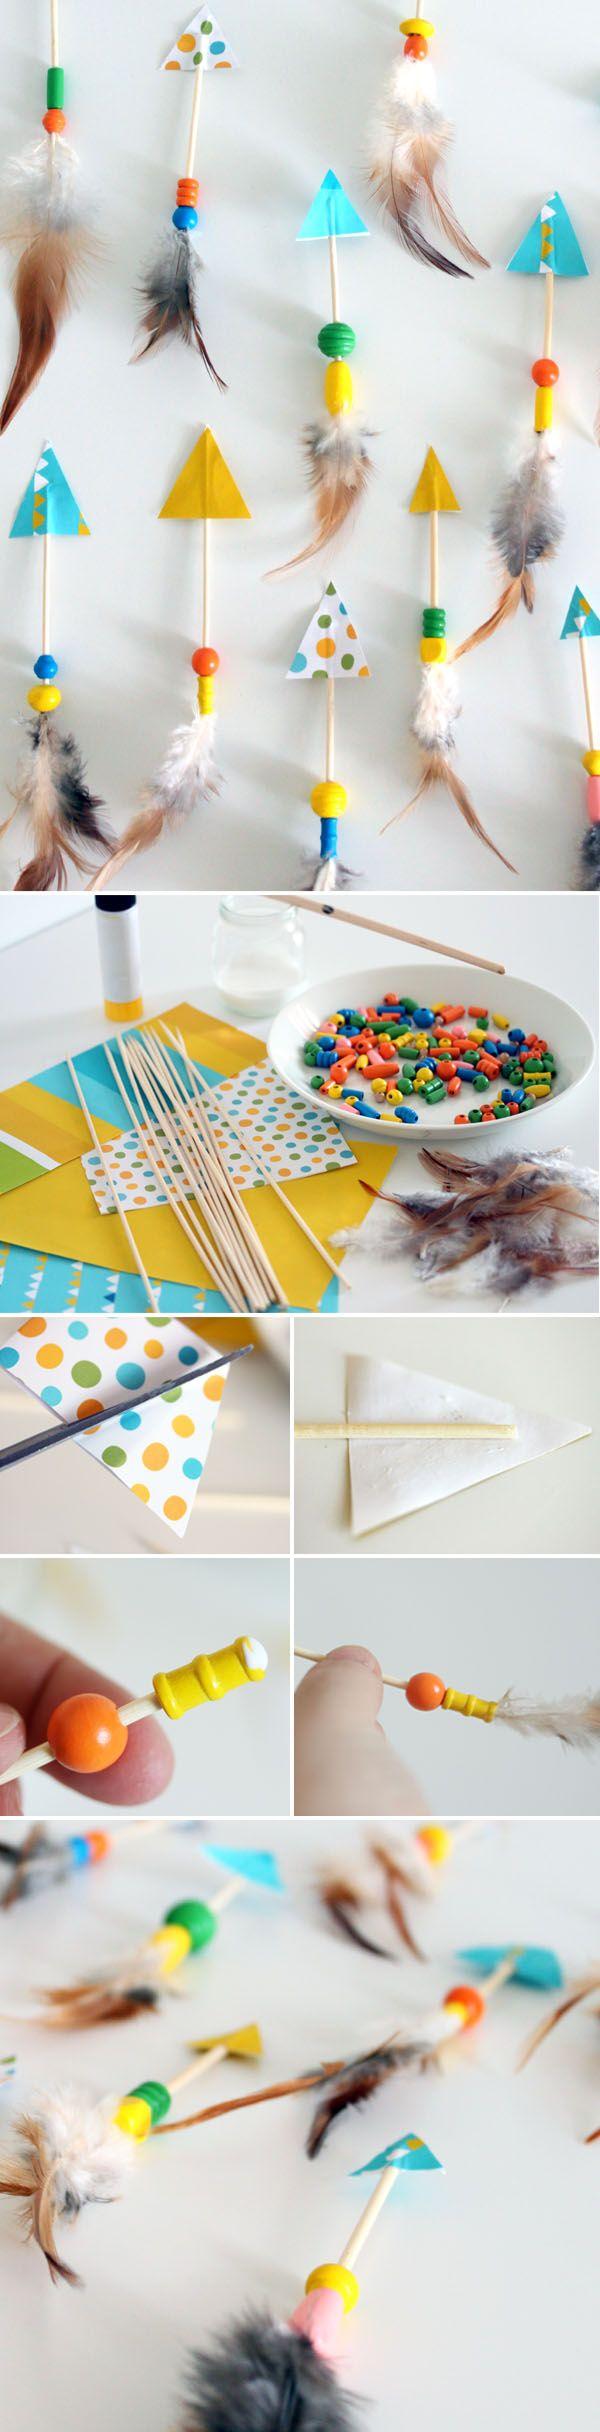 Noidan nuolet. lasten   askartelu   pääsiäinen   käsityöt   koti   paperi   DIY ideas   kid crafts   Easter   home   paper crafts   Pikku Kakkonen